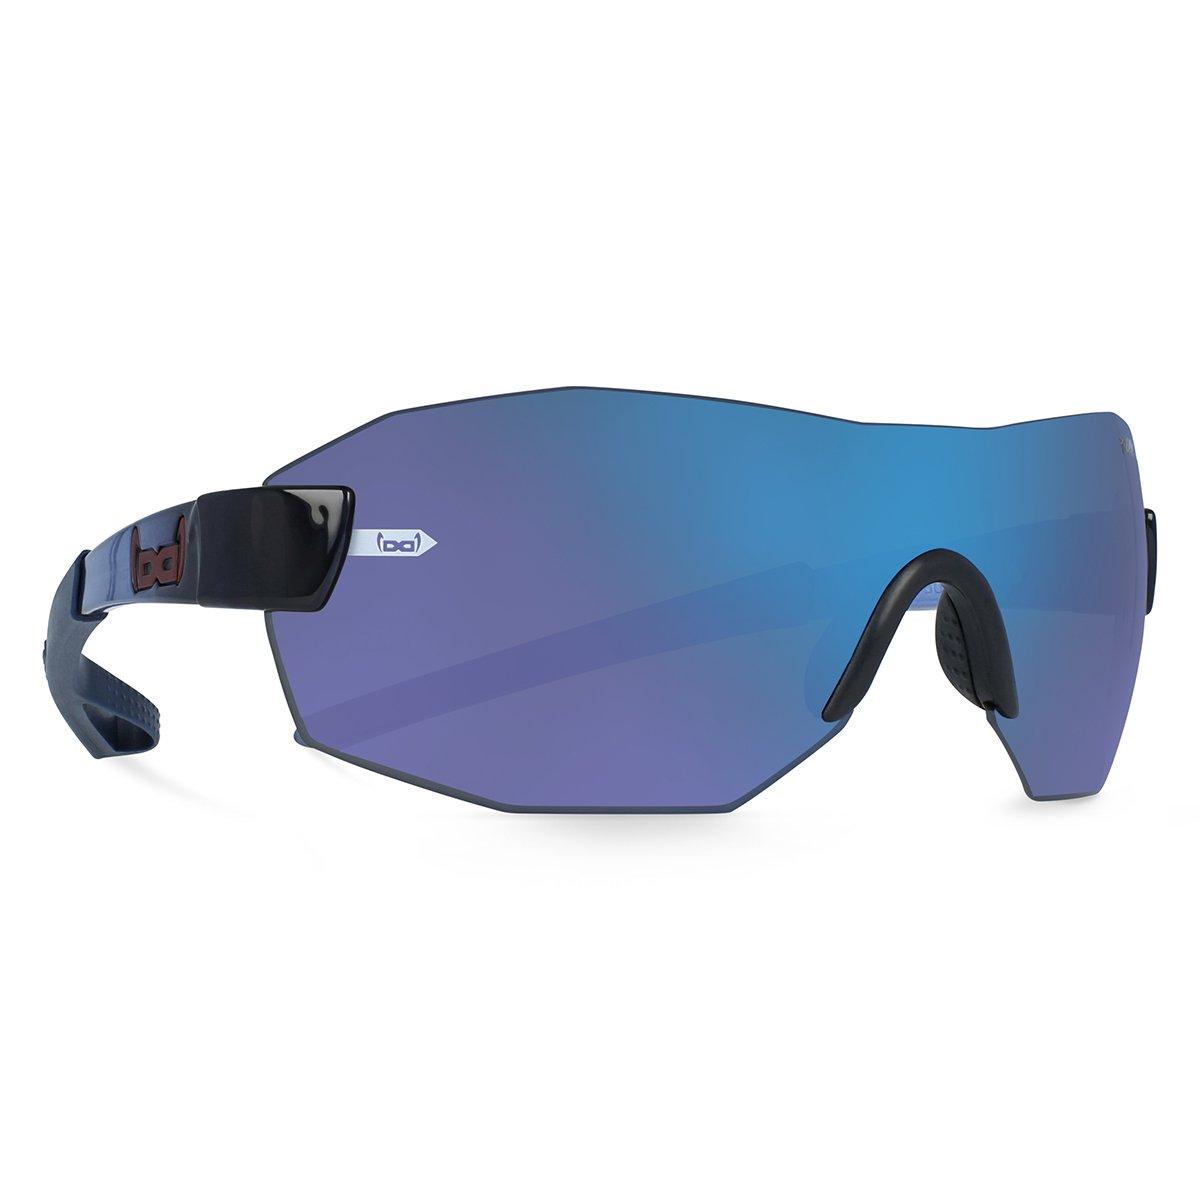 Uni Azul gloryfy unbreakable eyewear G9/Radical Blue Gafas de sol